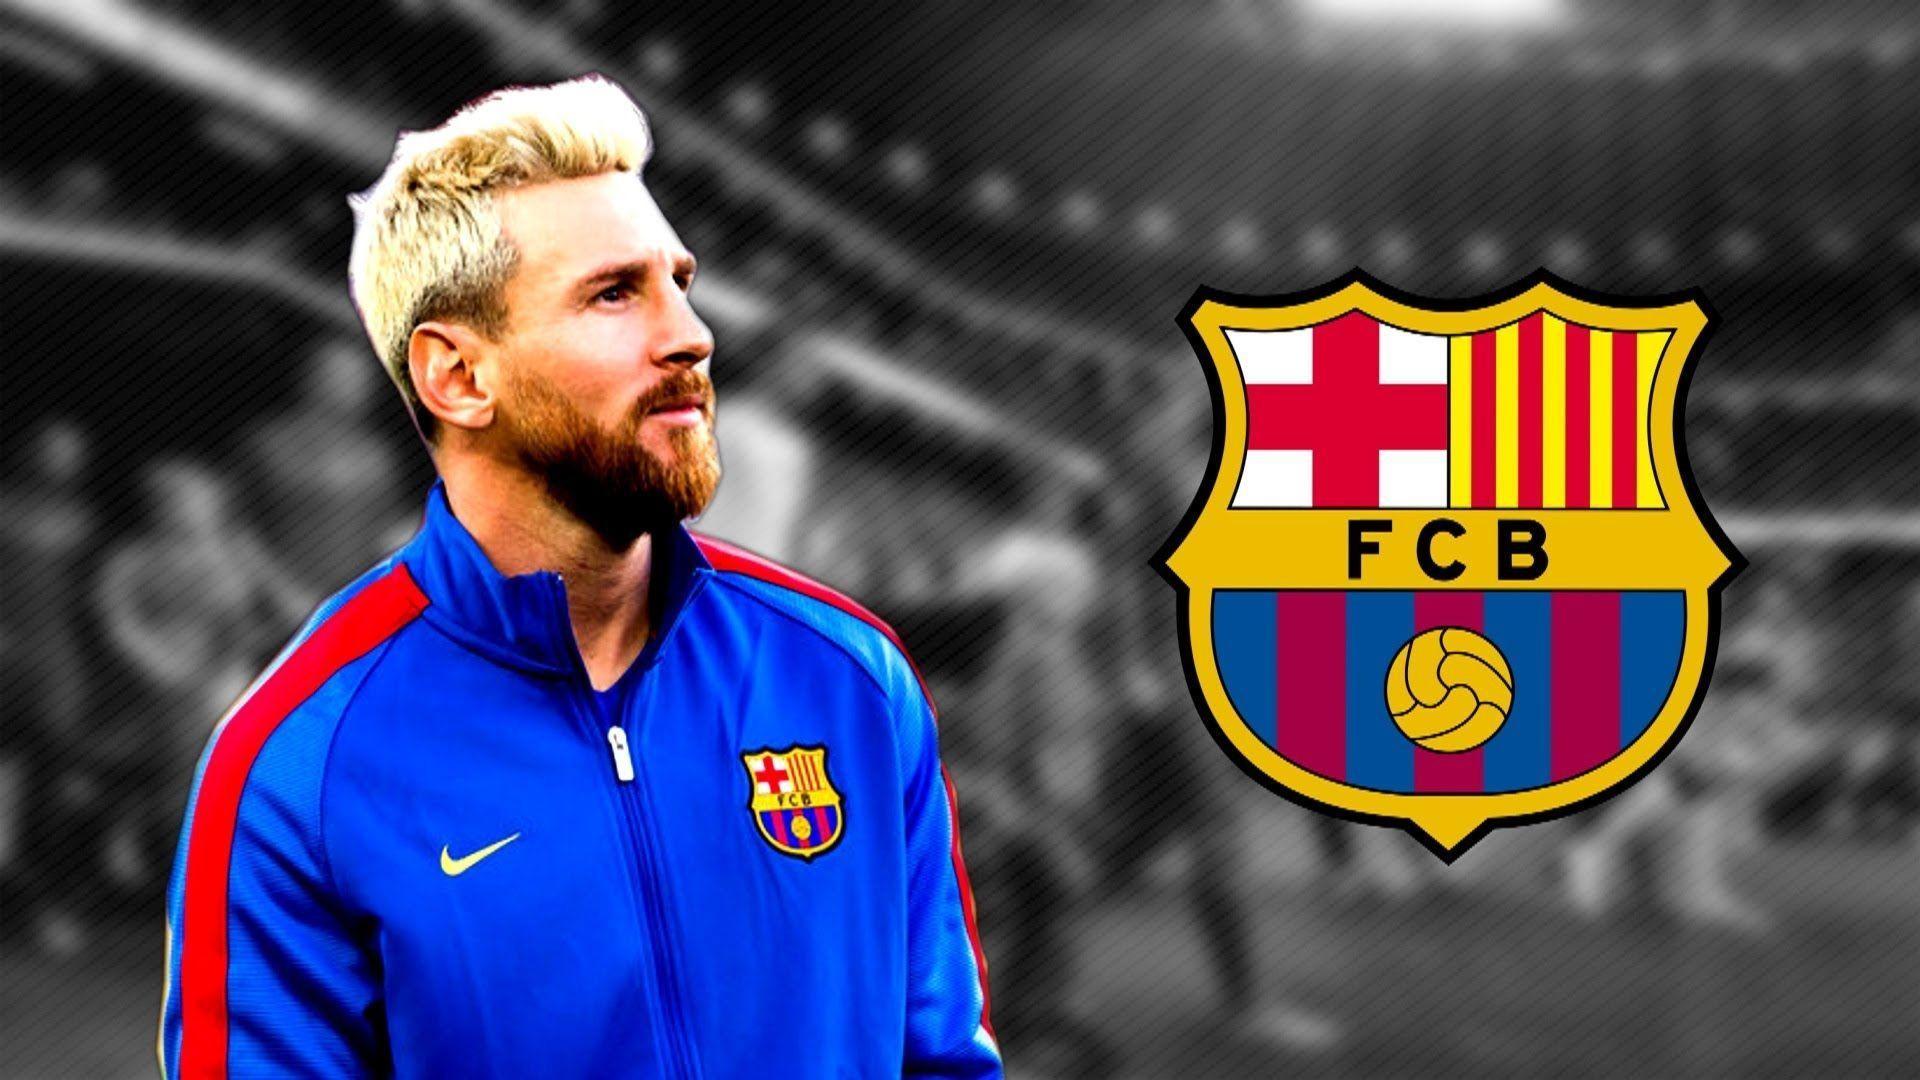 2560x1440 Lionel Messi And Jordi Alba Fifa World Cup 2014